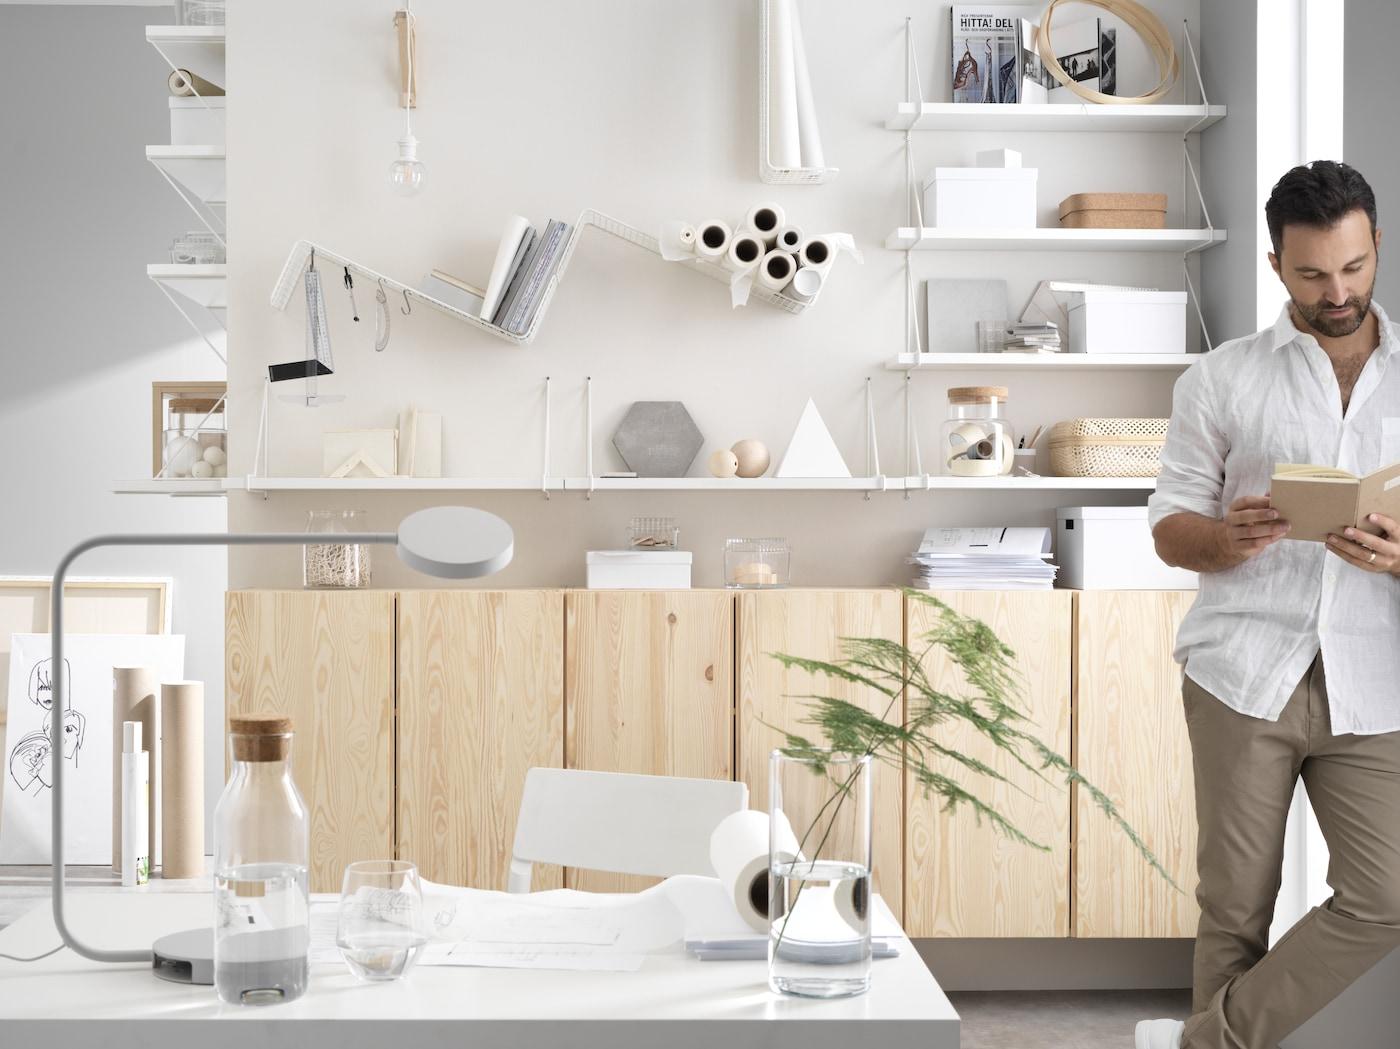 IKEA IVAR skåp i en ljus och luftig kontorsmiljö.